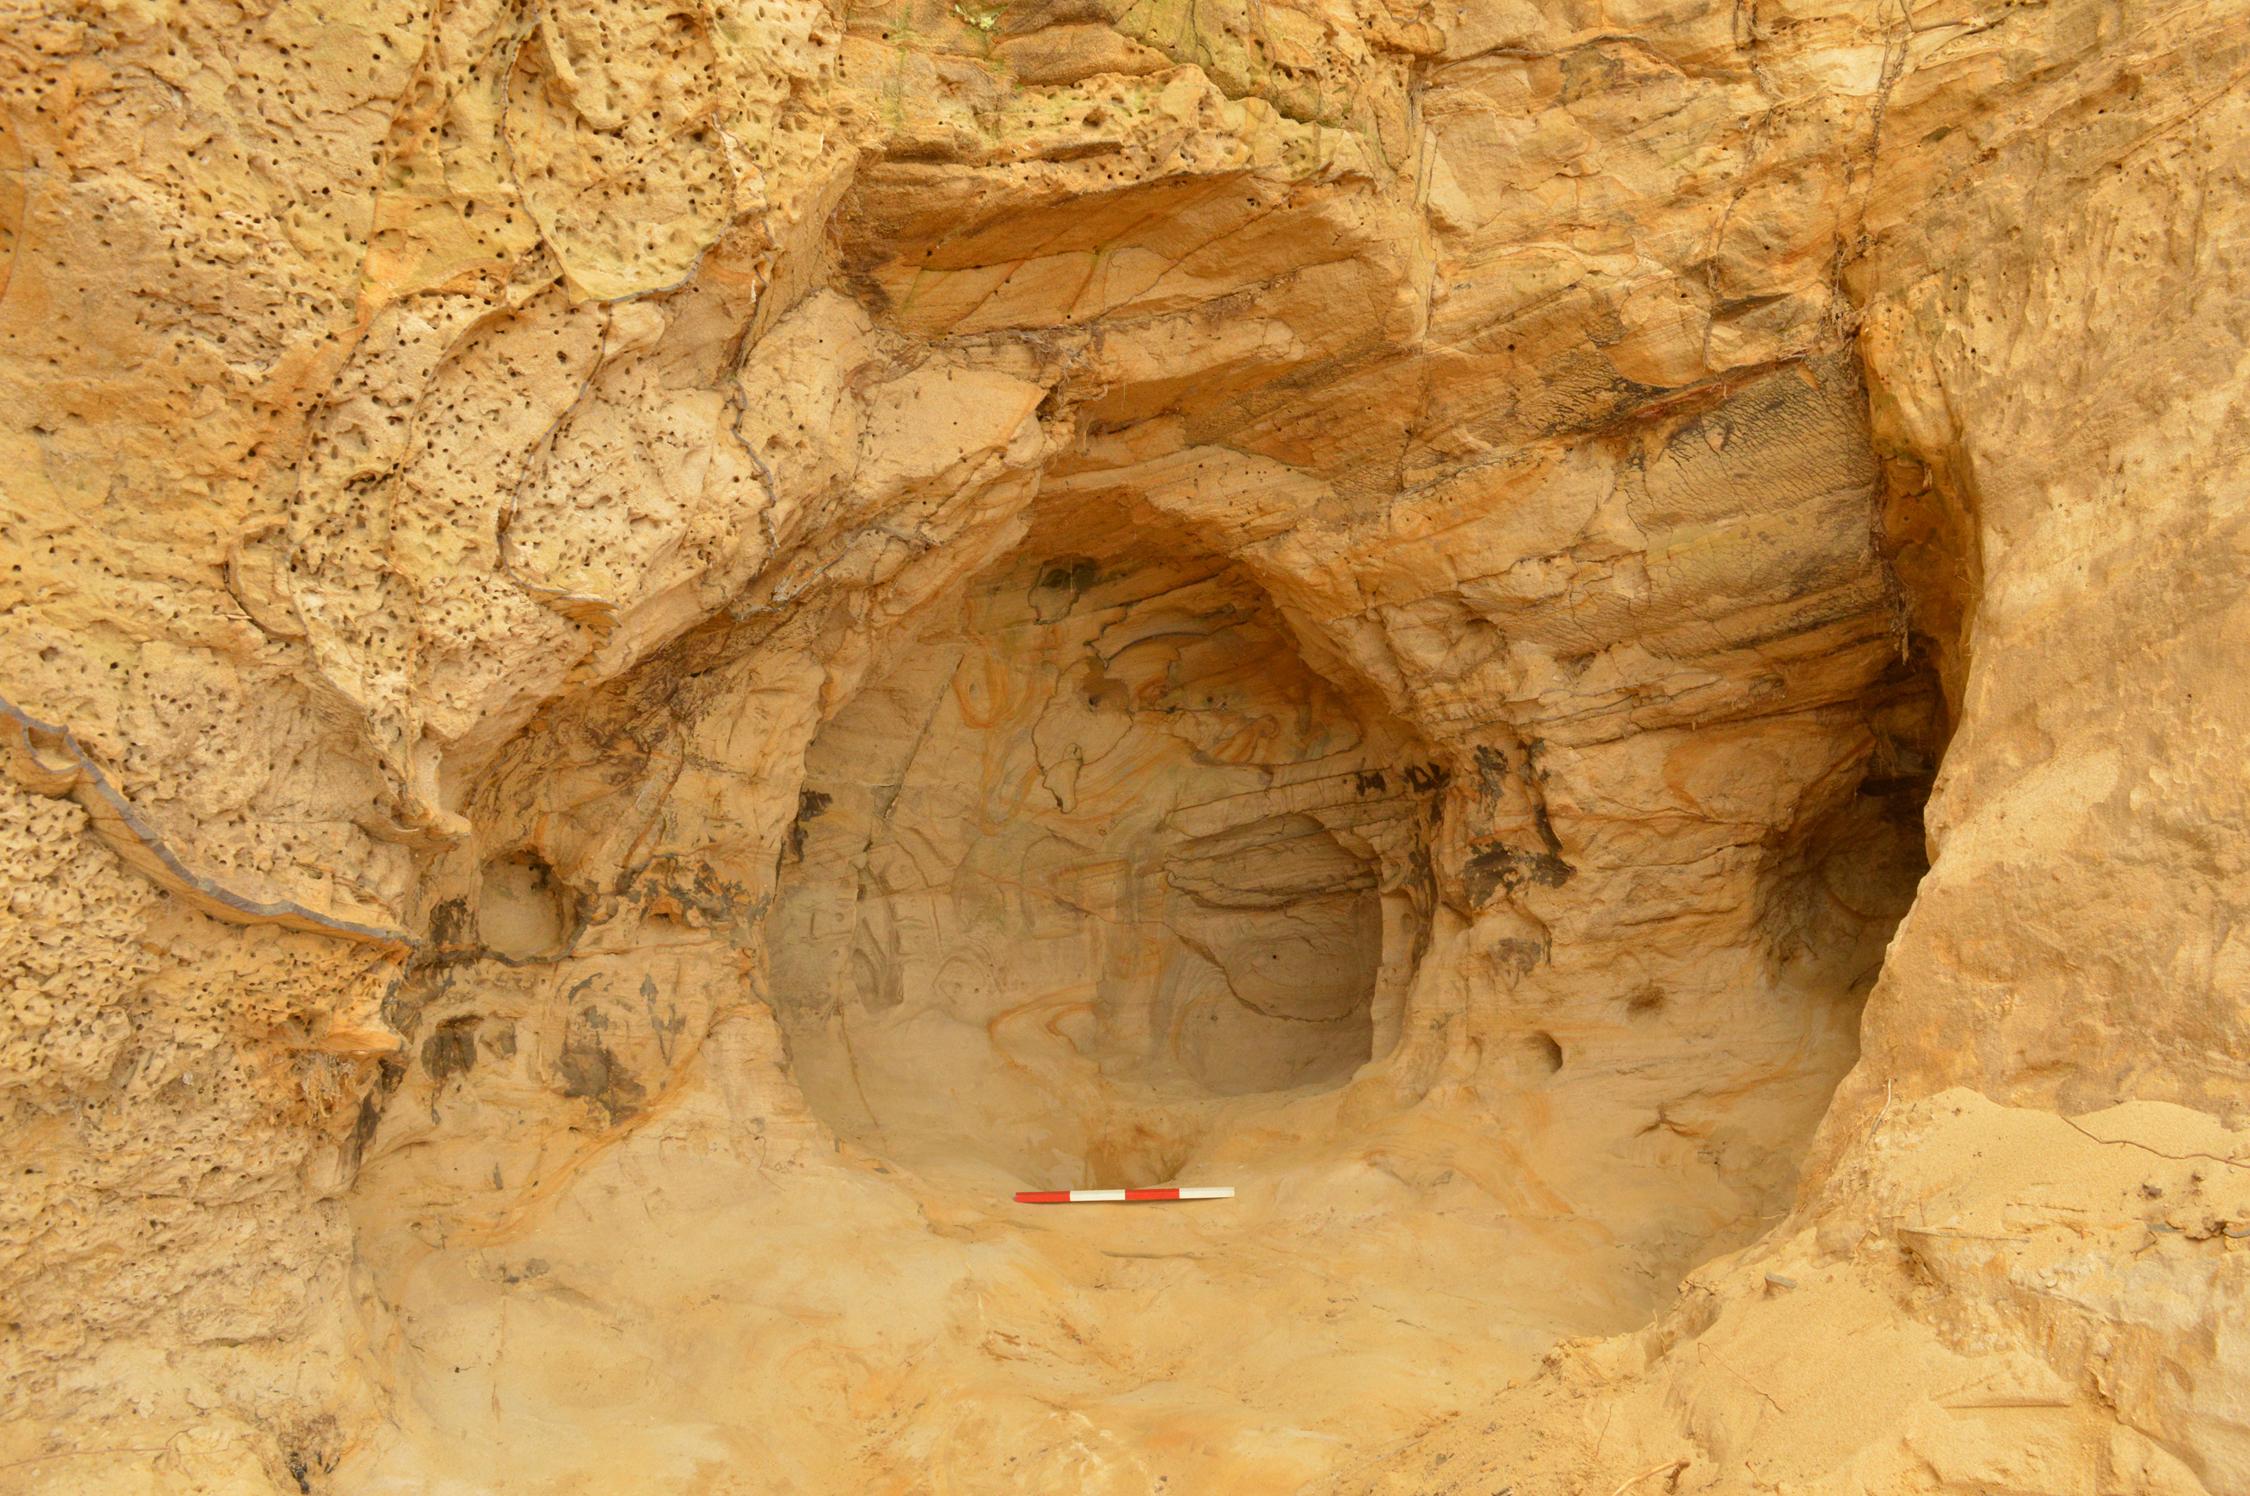 Британские железнодорожники случайно нашли пещерный храм